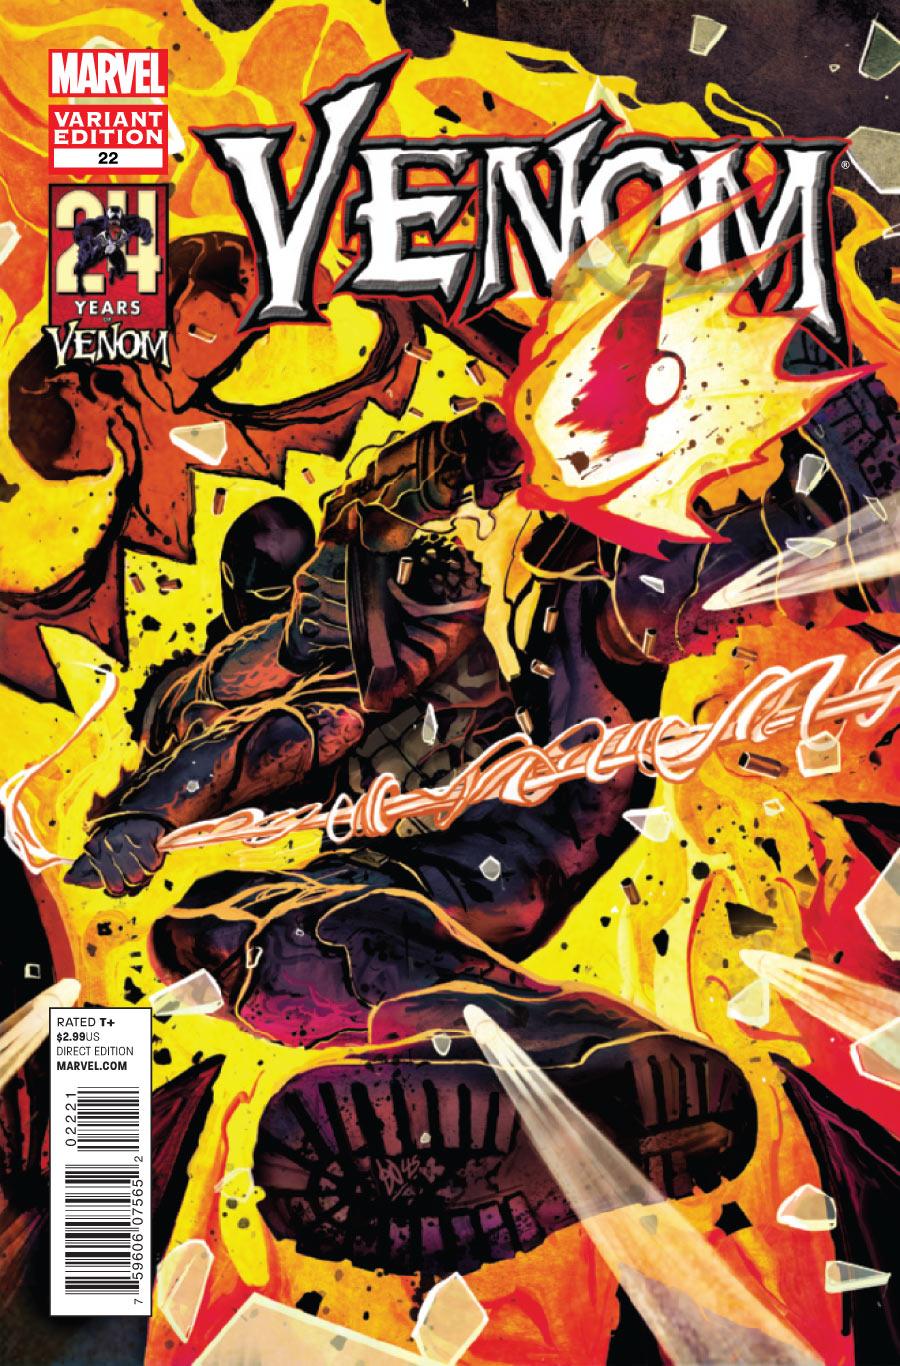 Venom Vol 2 22 Michael del Mundo Variant.jpg